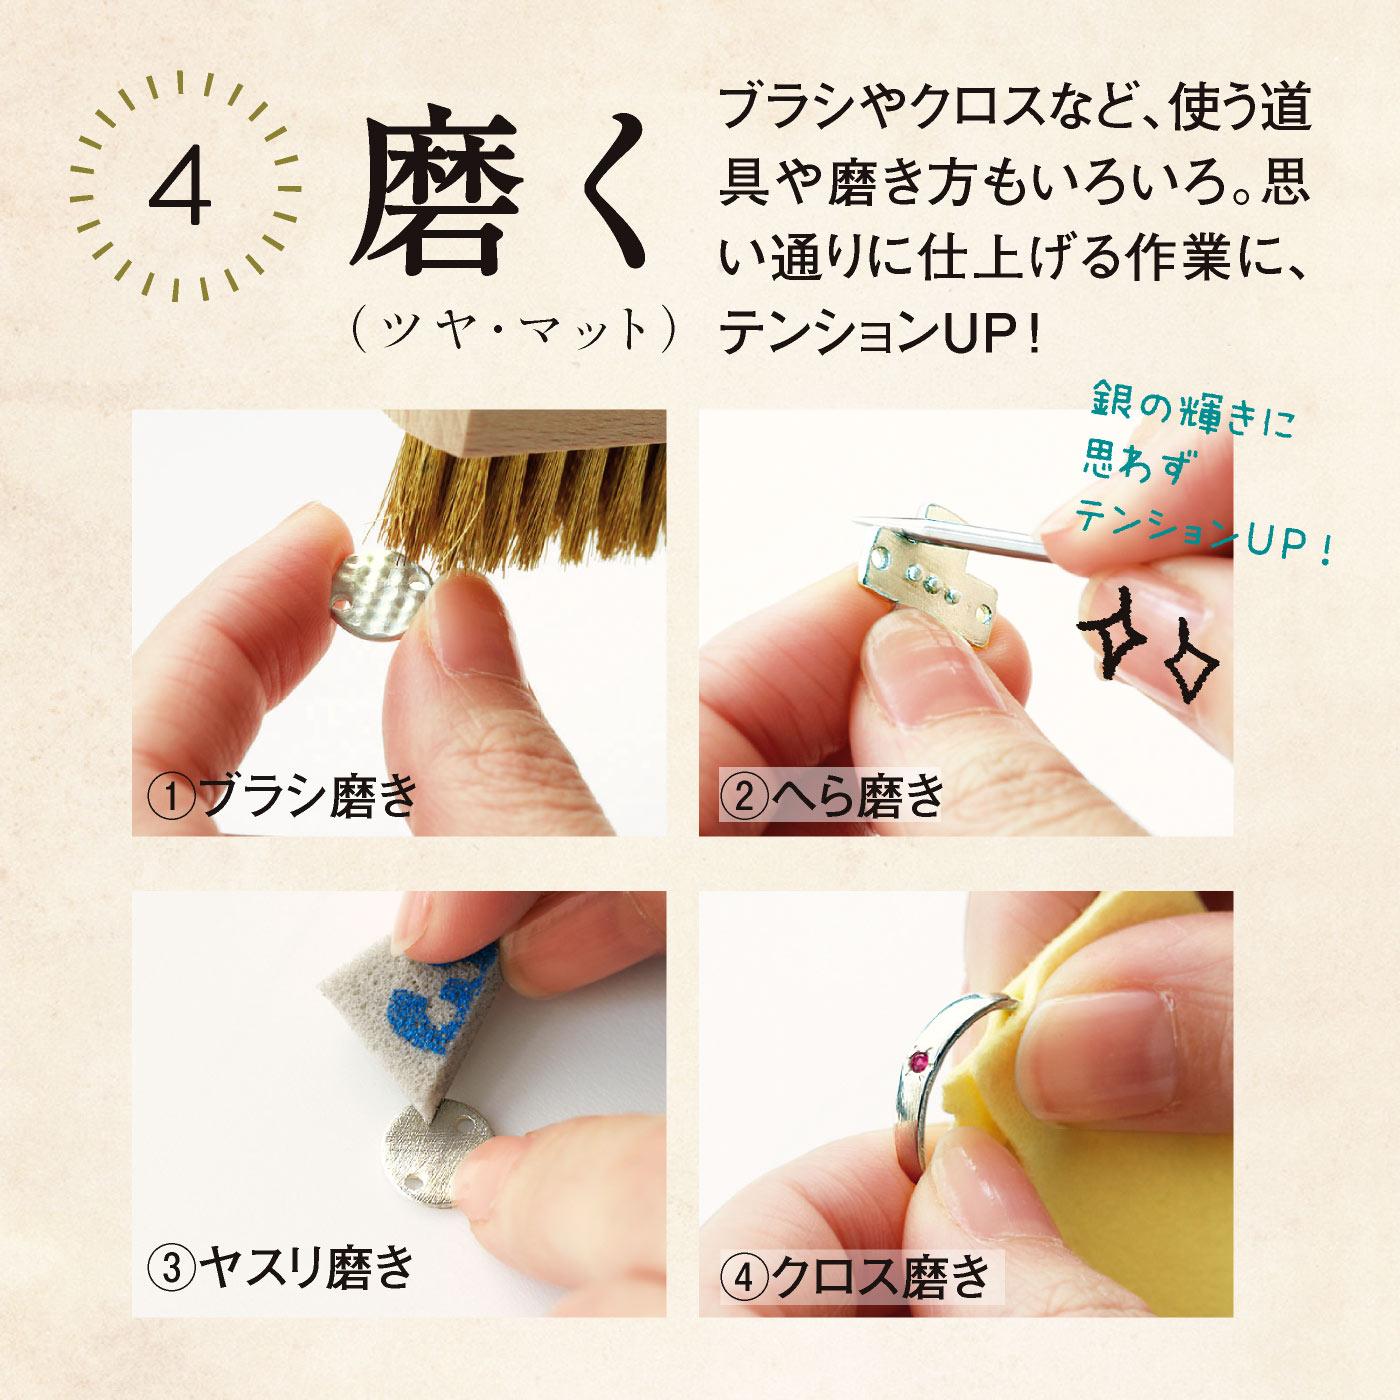 【ステップ4・磨く】ブラシやクロスなど、専用の道具を使って磨きます。銀の輝きにテンションアップ!